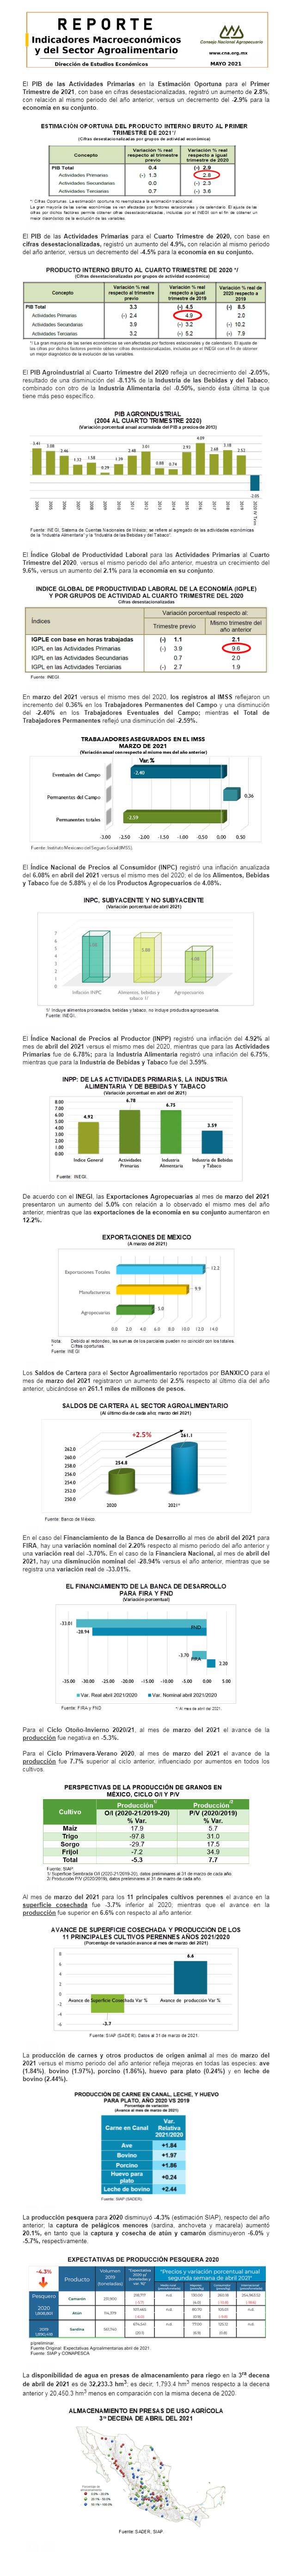 Reporte de Indicadores Macroeconómicos y Sectoriales del Sector, Mayo 2021